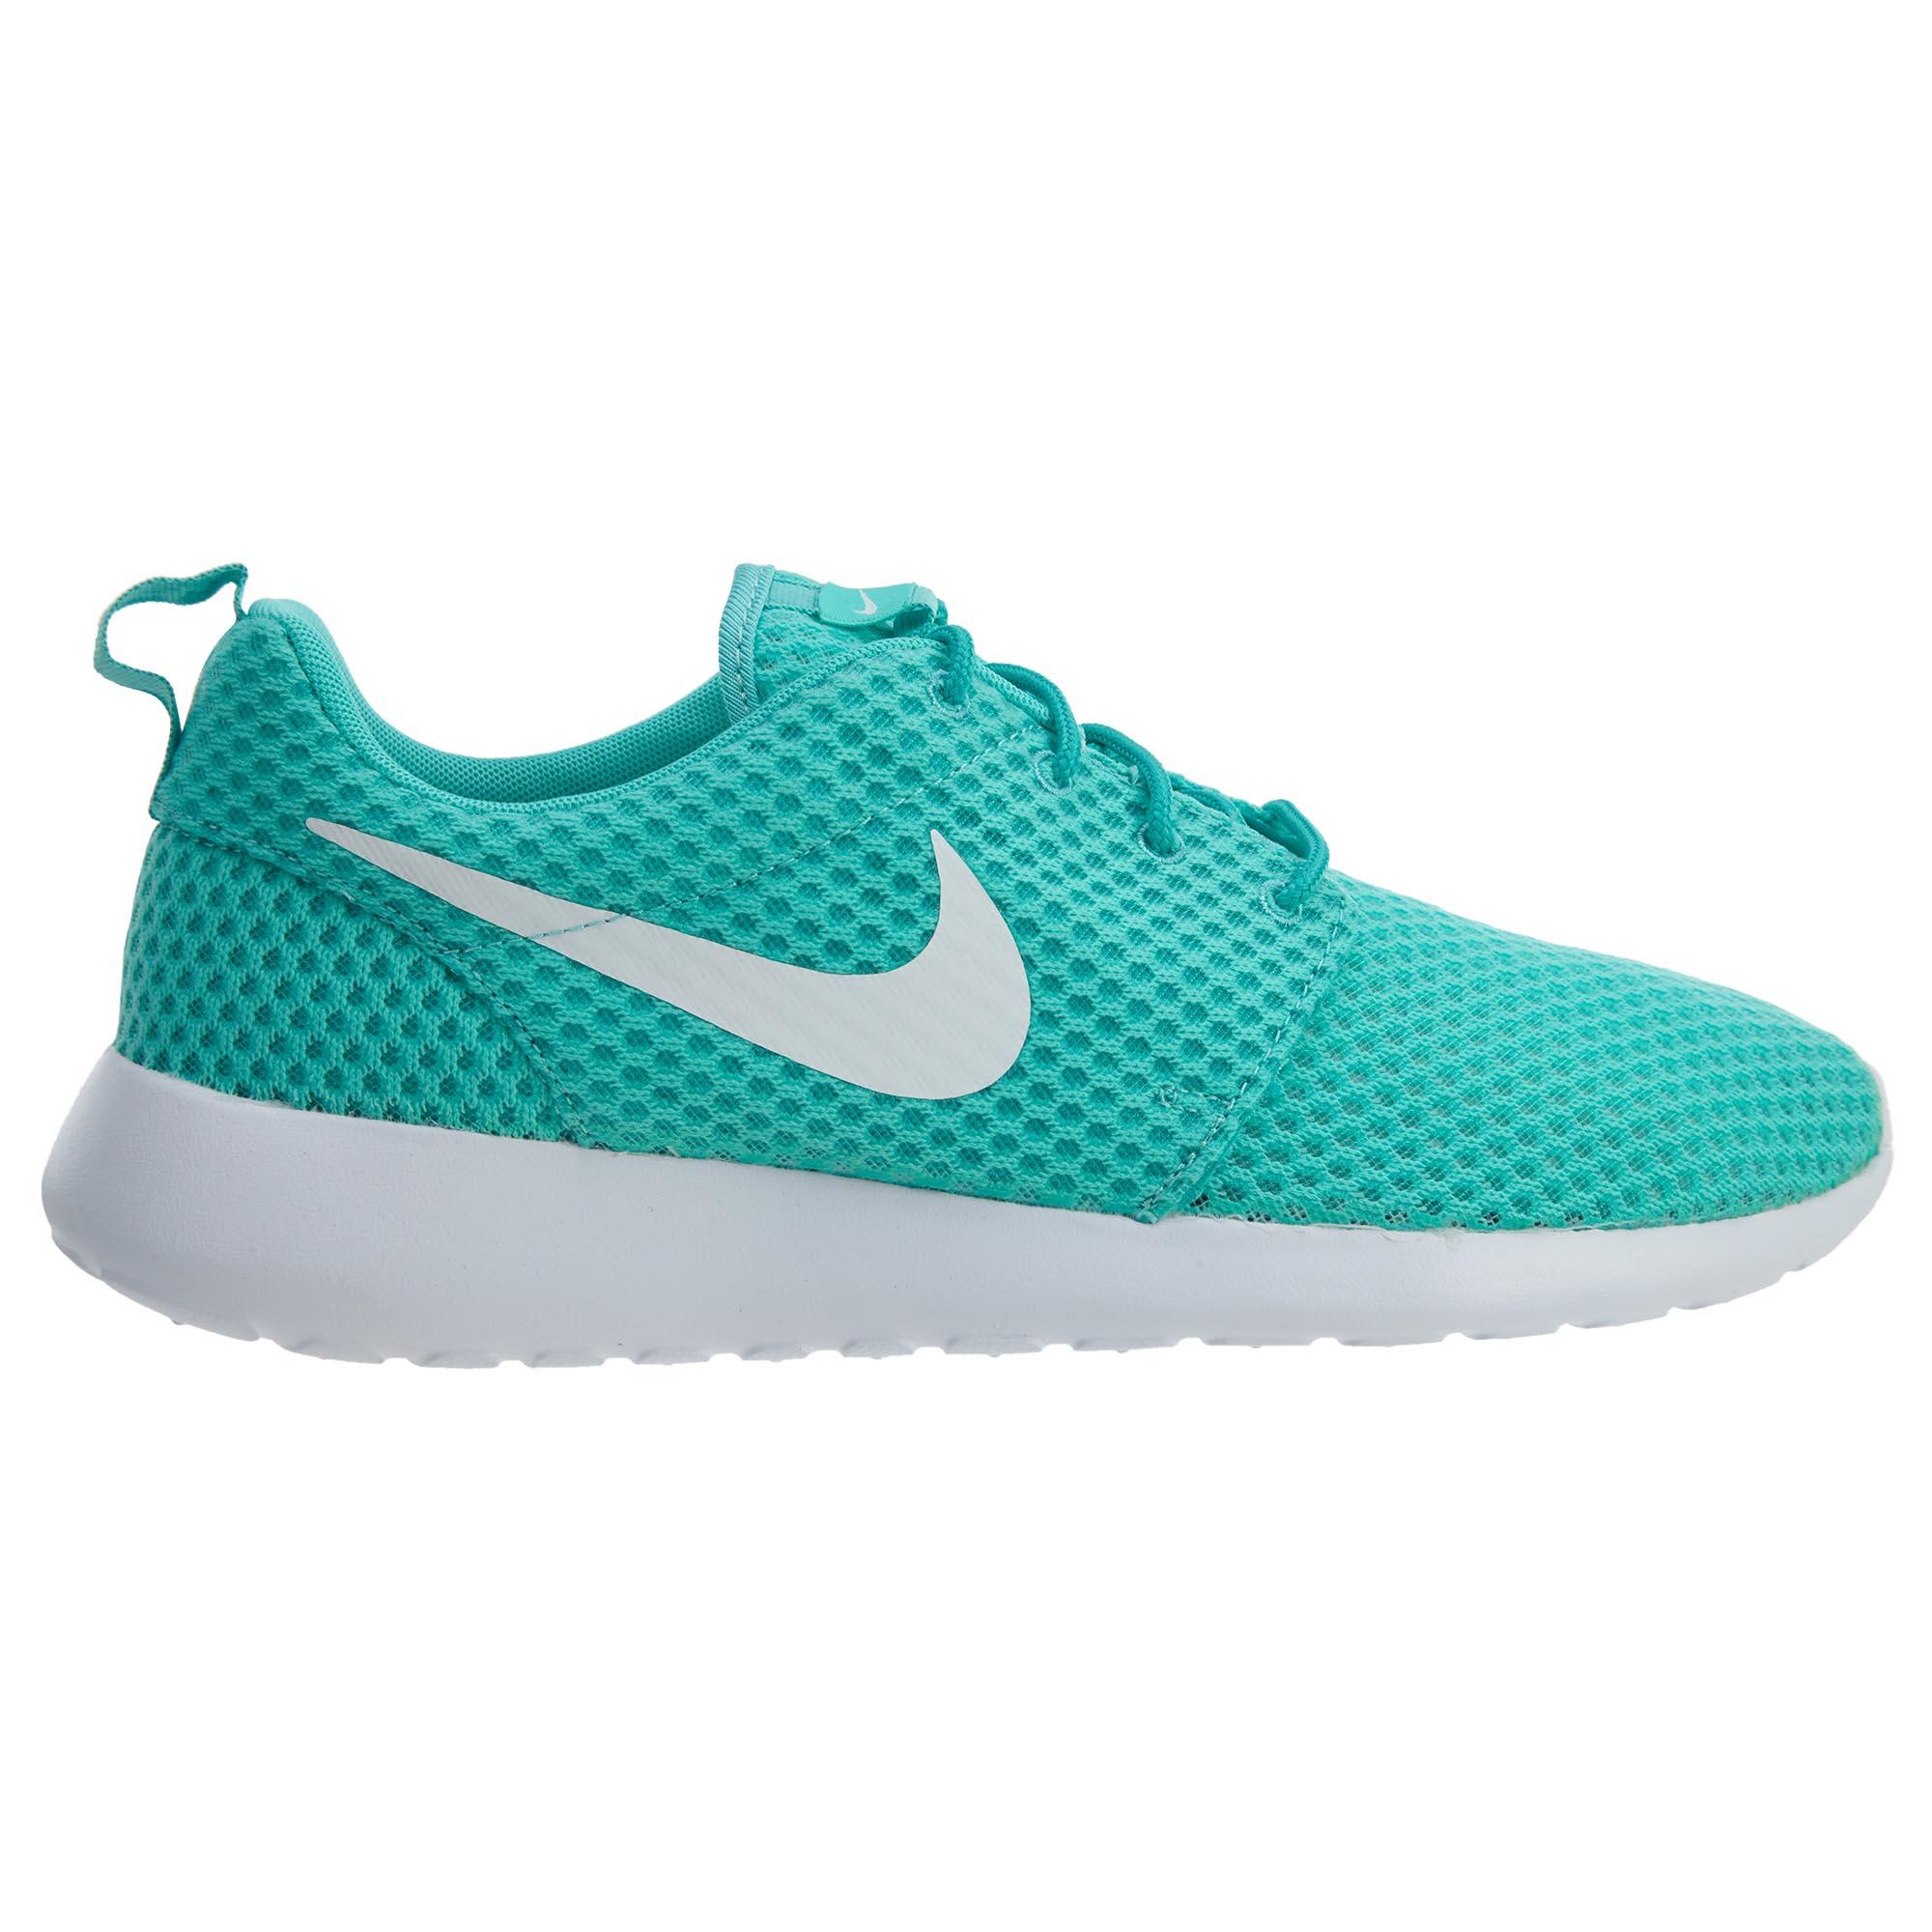 Nike Roshe One Br Calypso/White